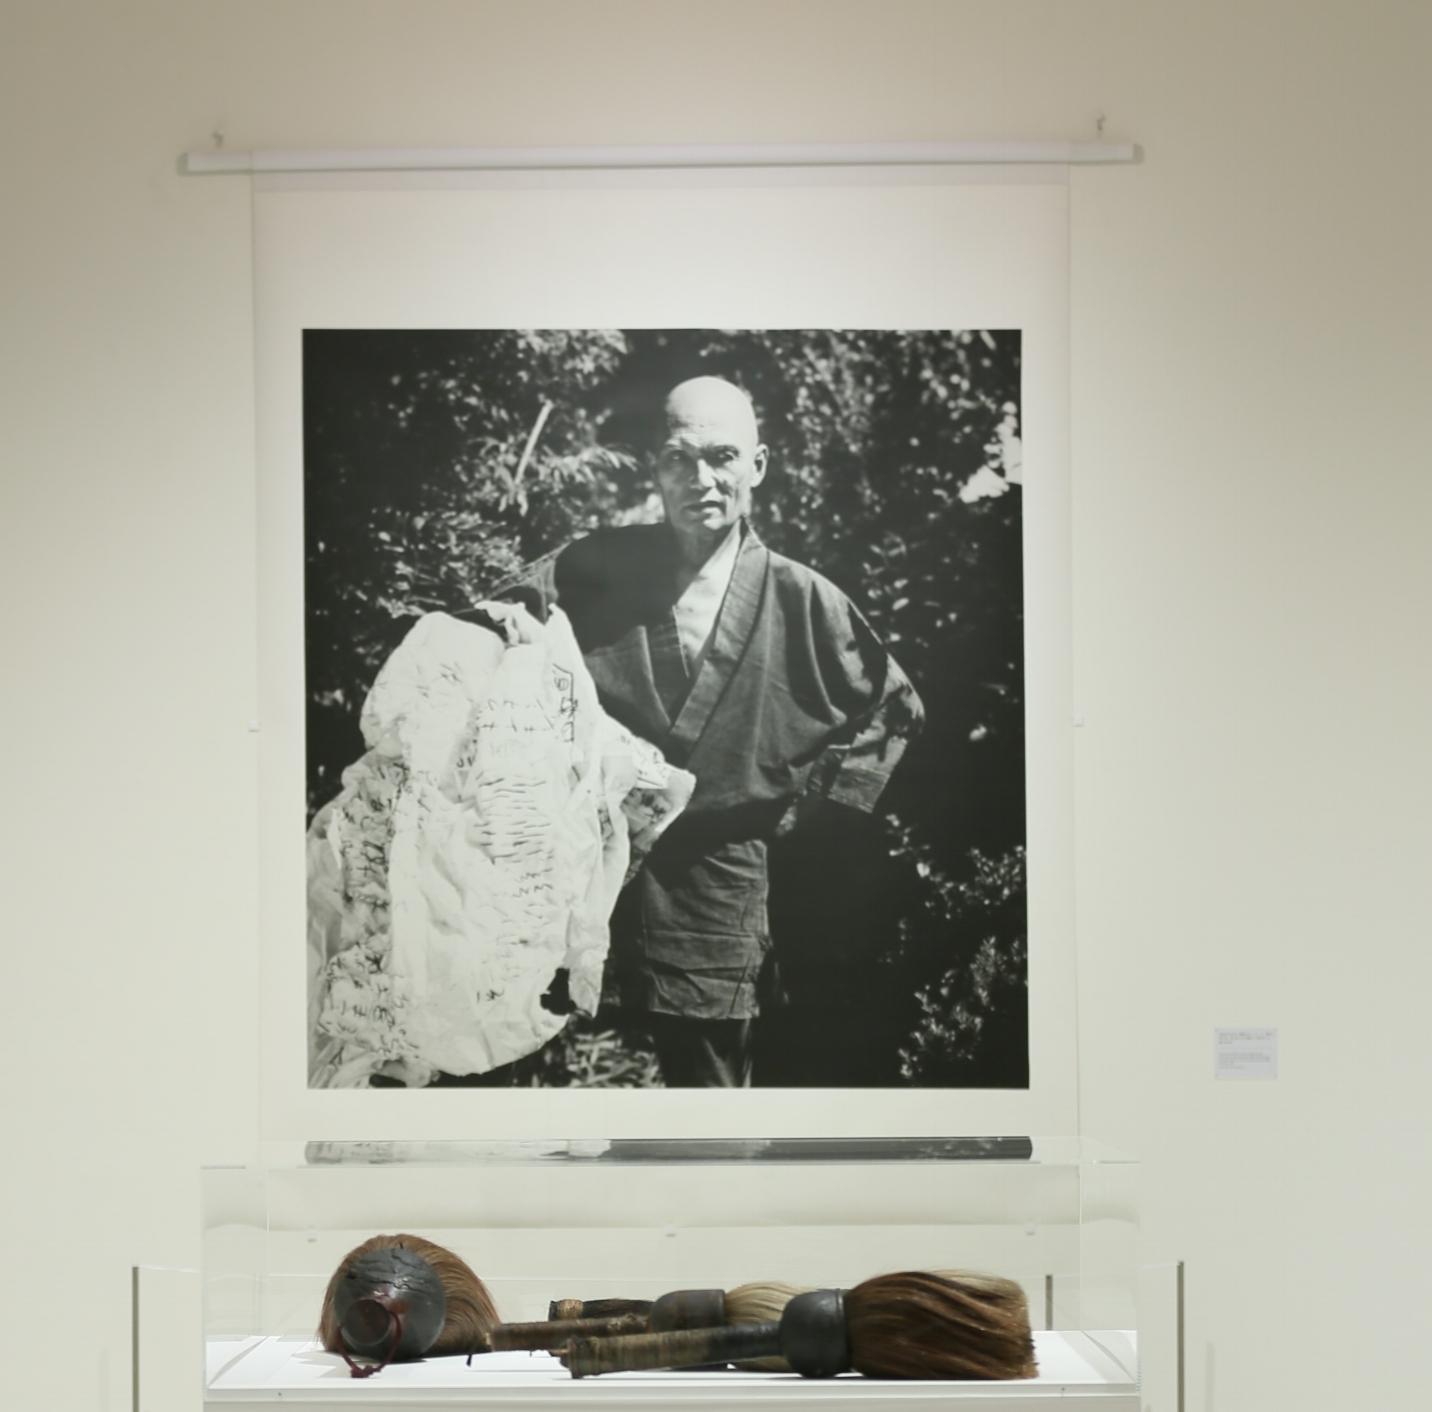 Inoue Yuichi Retrospective,  21st Century Museum of Contemporary Art, Kanazawa ©︎Yuichi Ihara